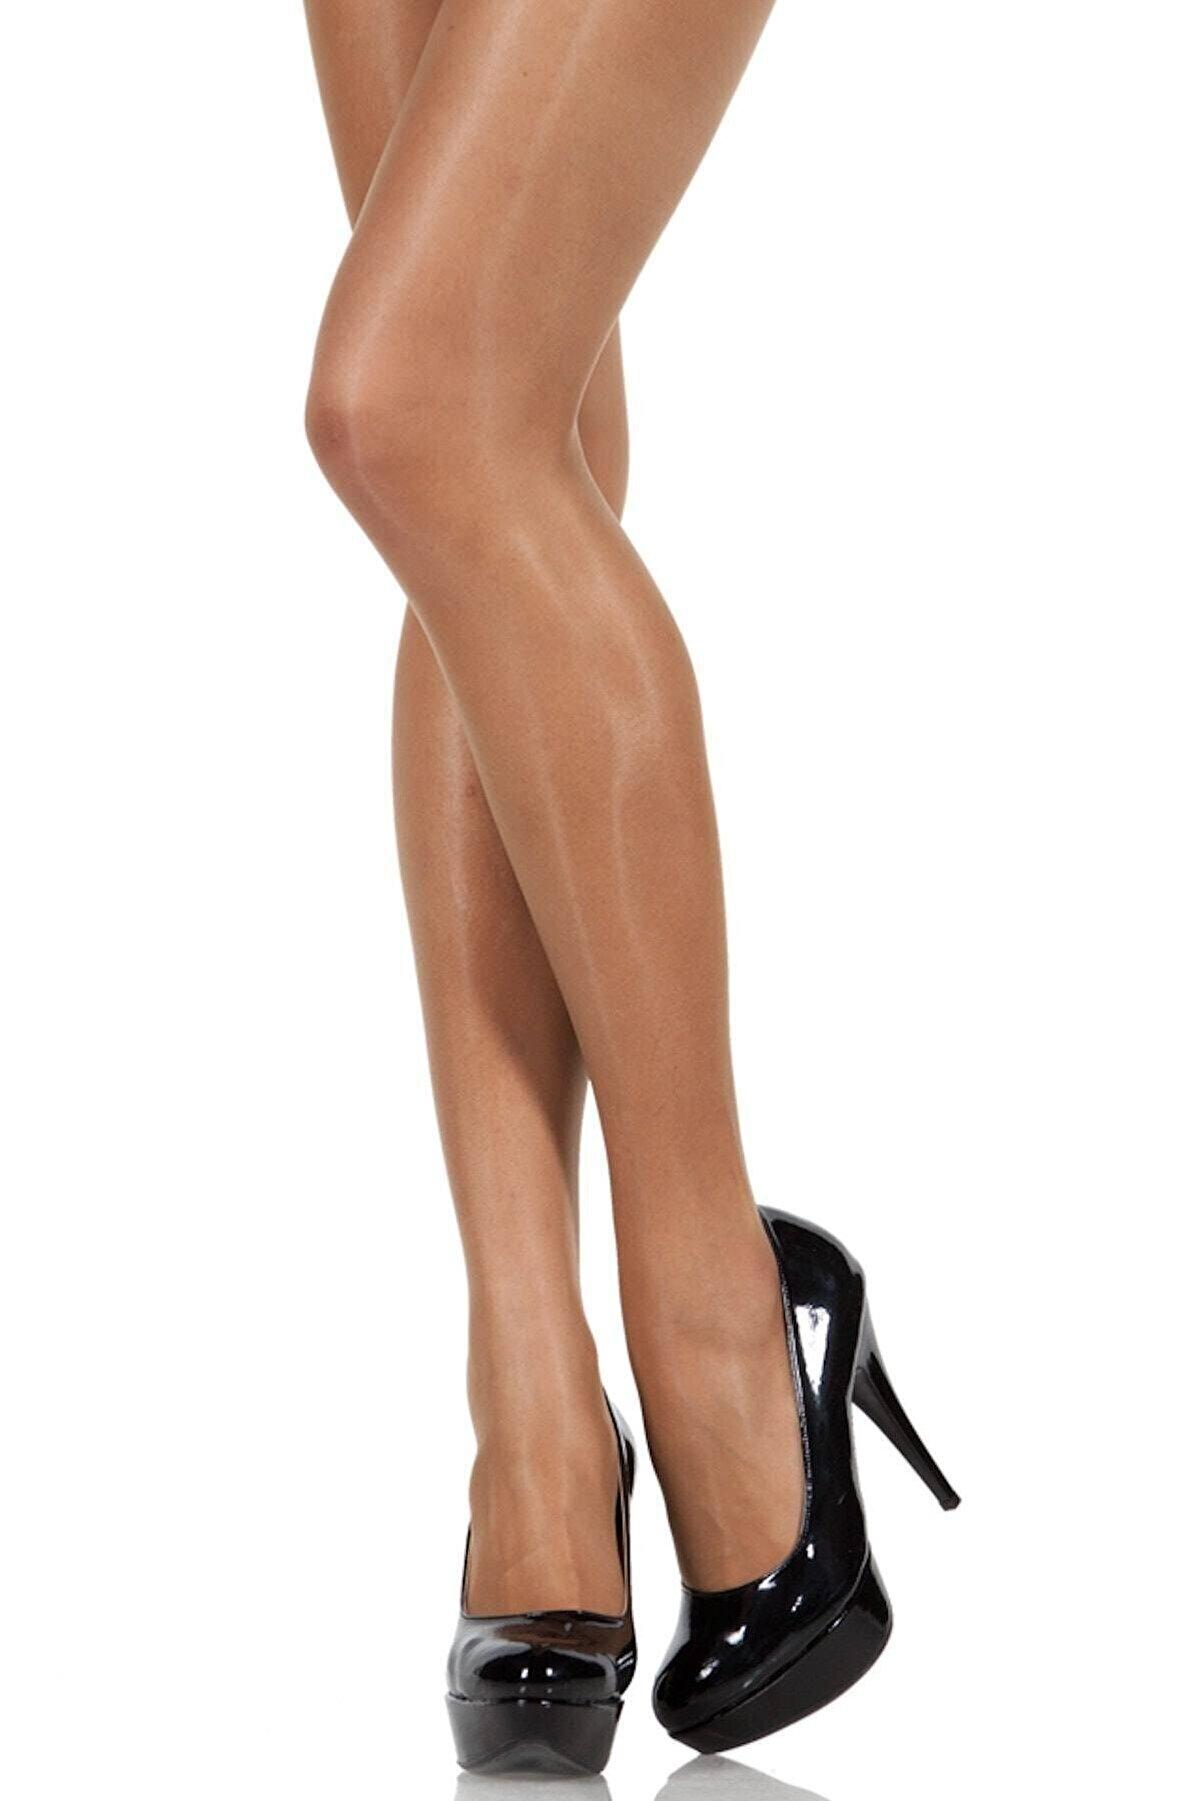 Pierre Cardin Kadın Likralı Parlak Külotlu Çorap